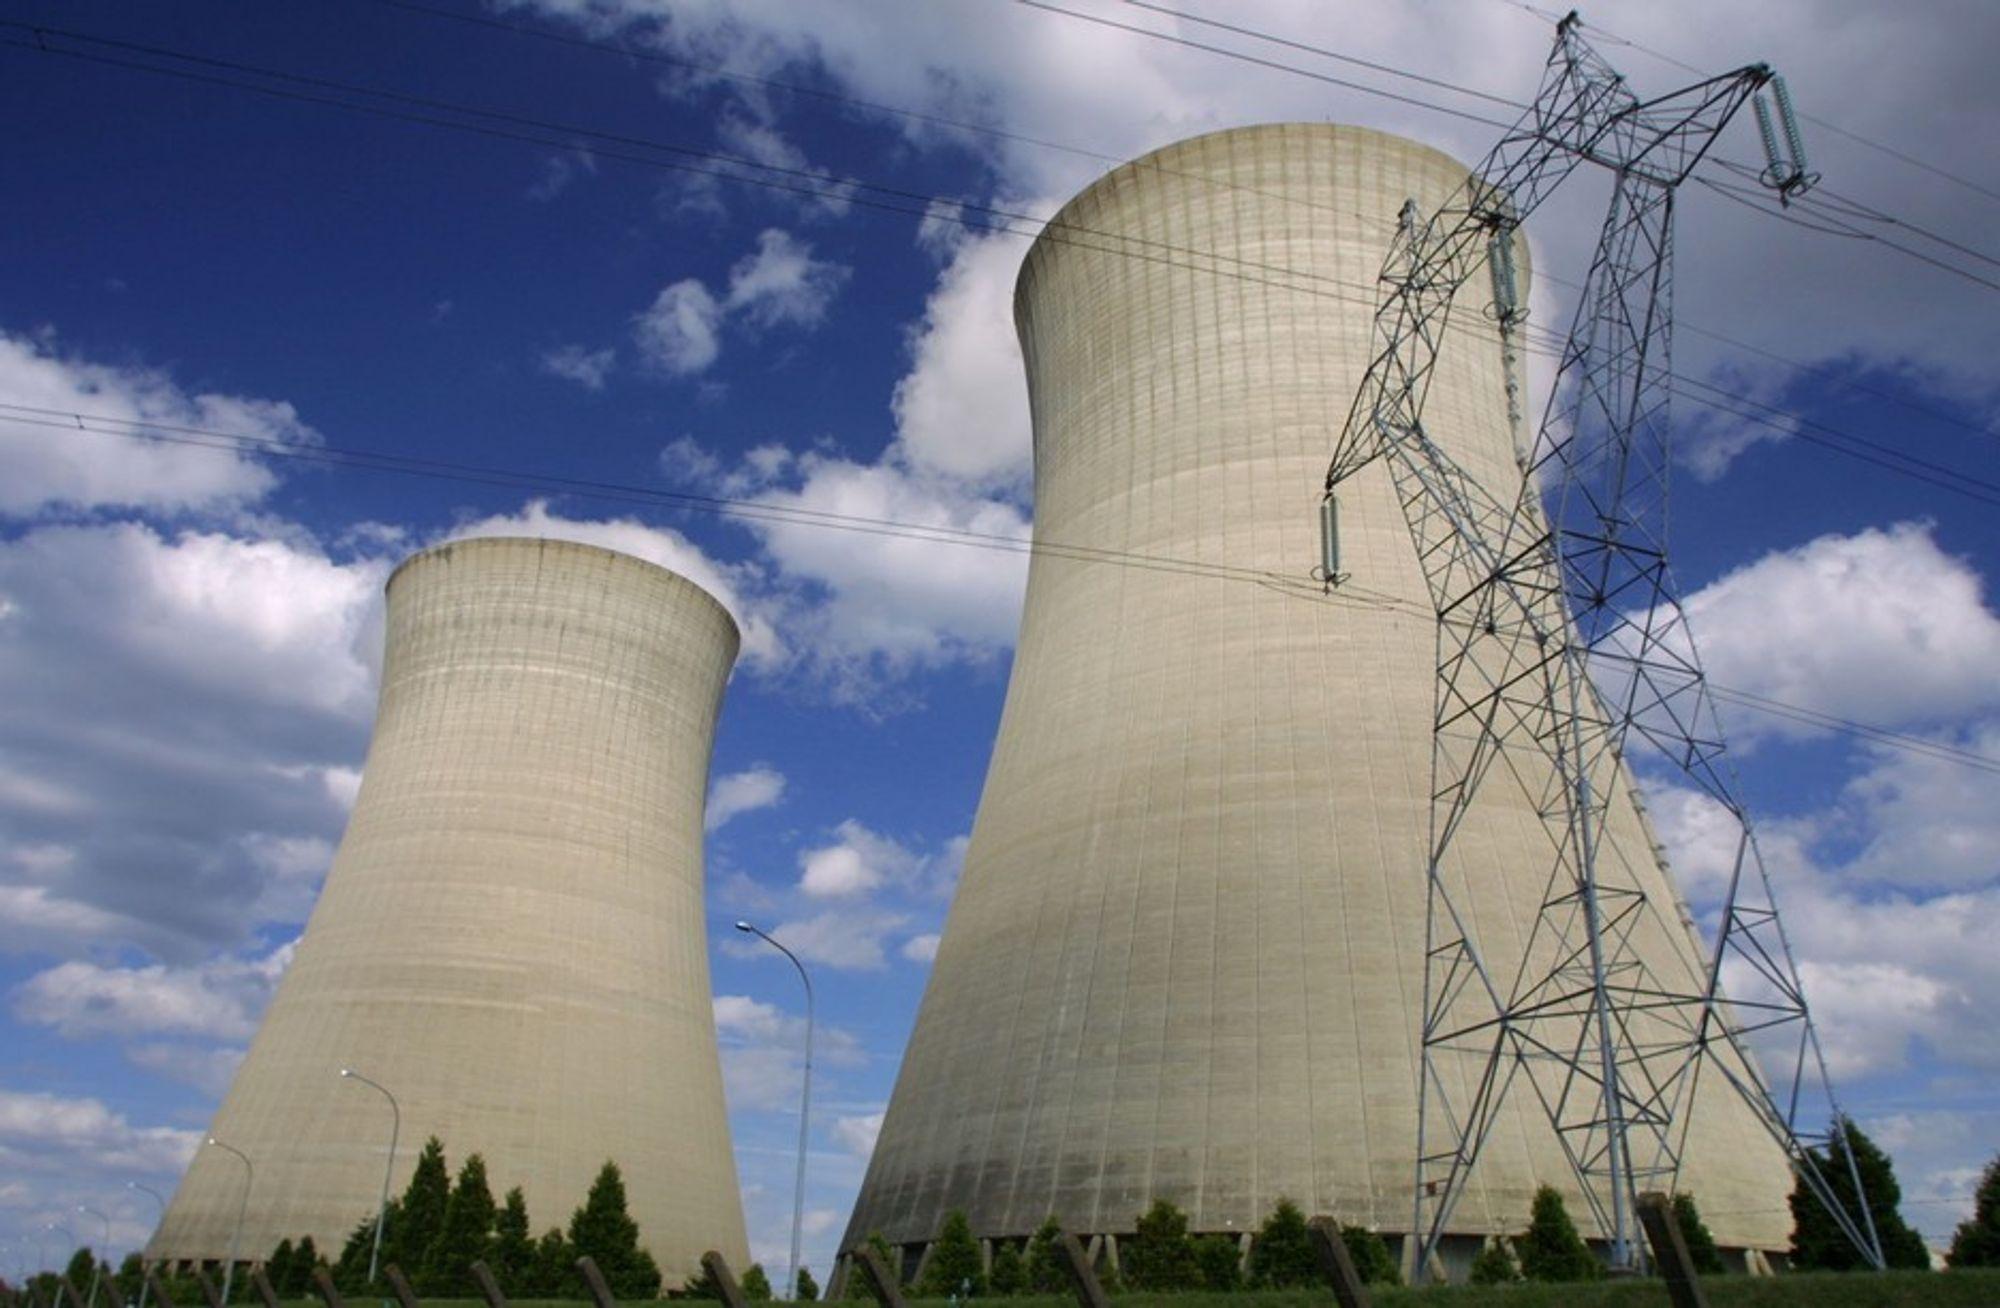 SELLAFIELD: Britiske planer om å reprossesere mye mer atomavfall de neste årene bekymrer Bellona. De frykter økte radioaktive utslipp til havet som kan nå norske farvann.